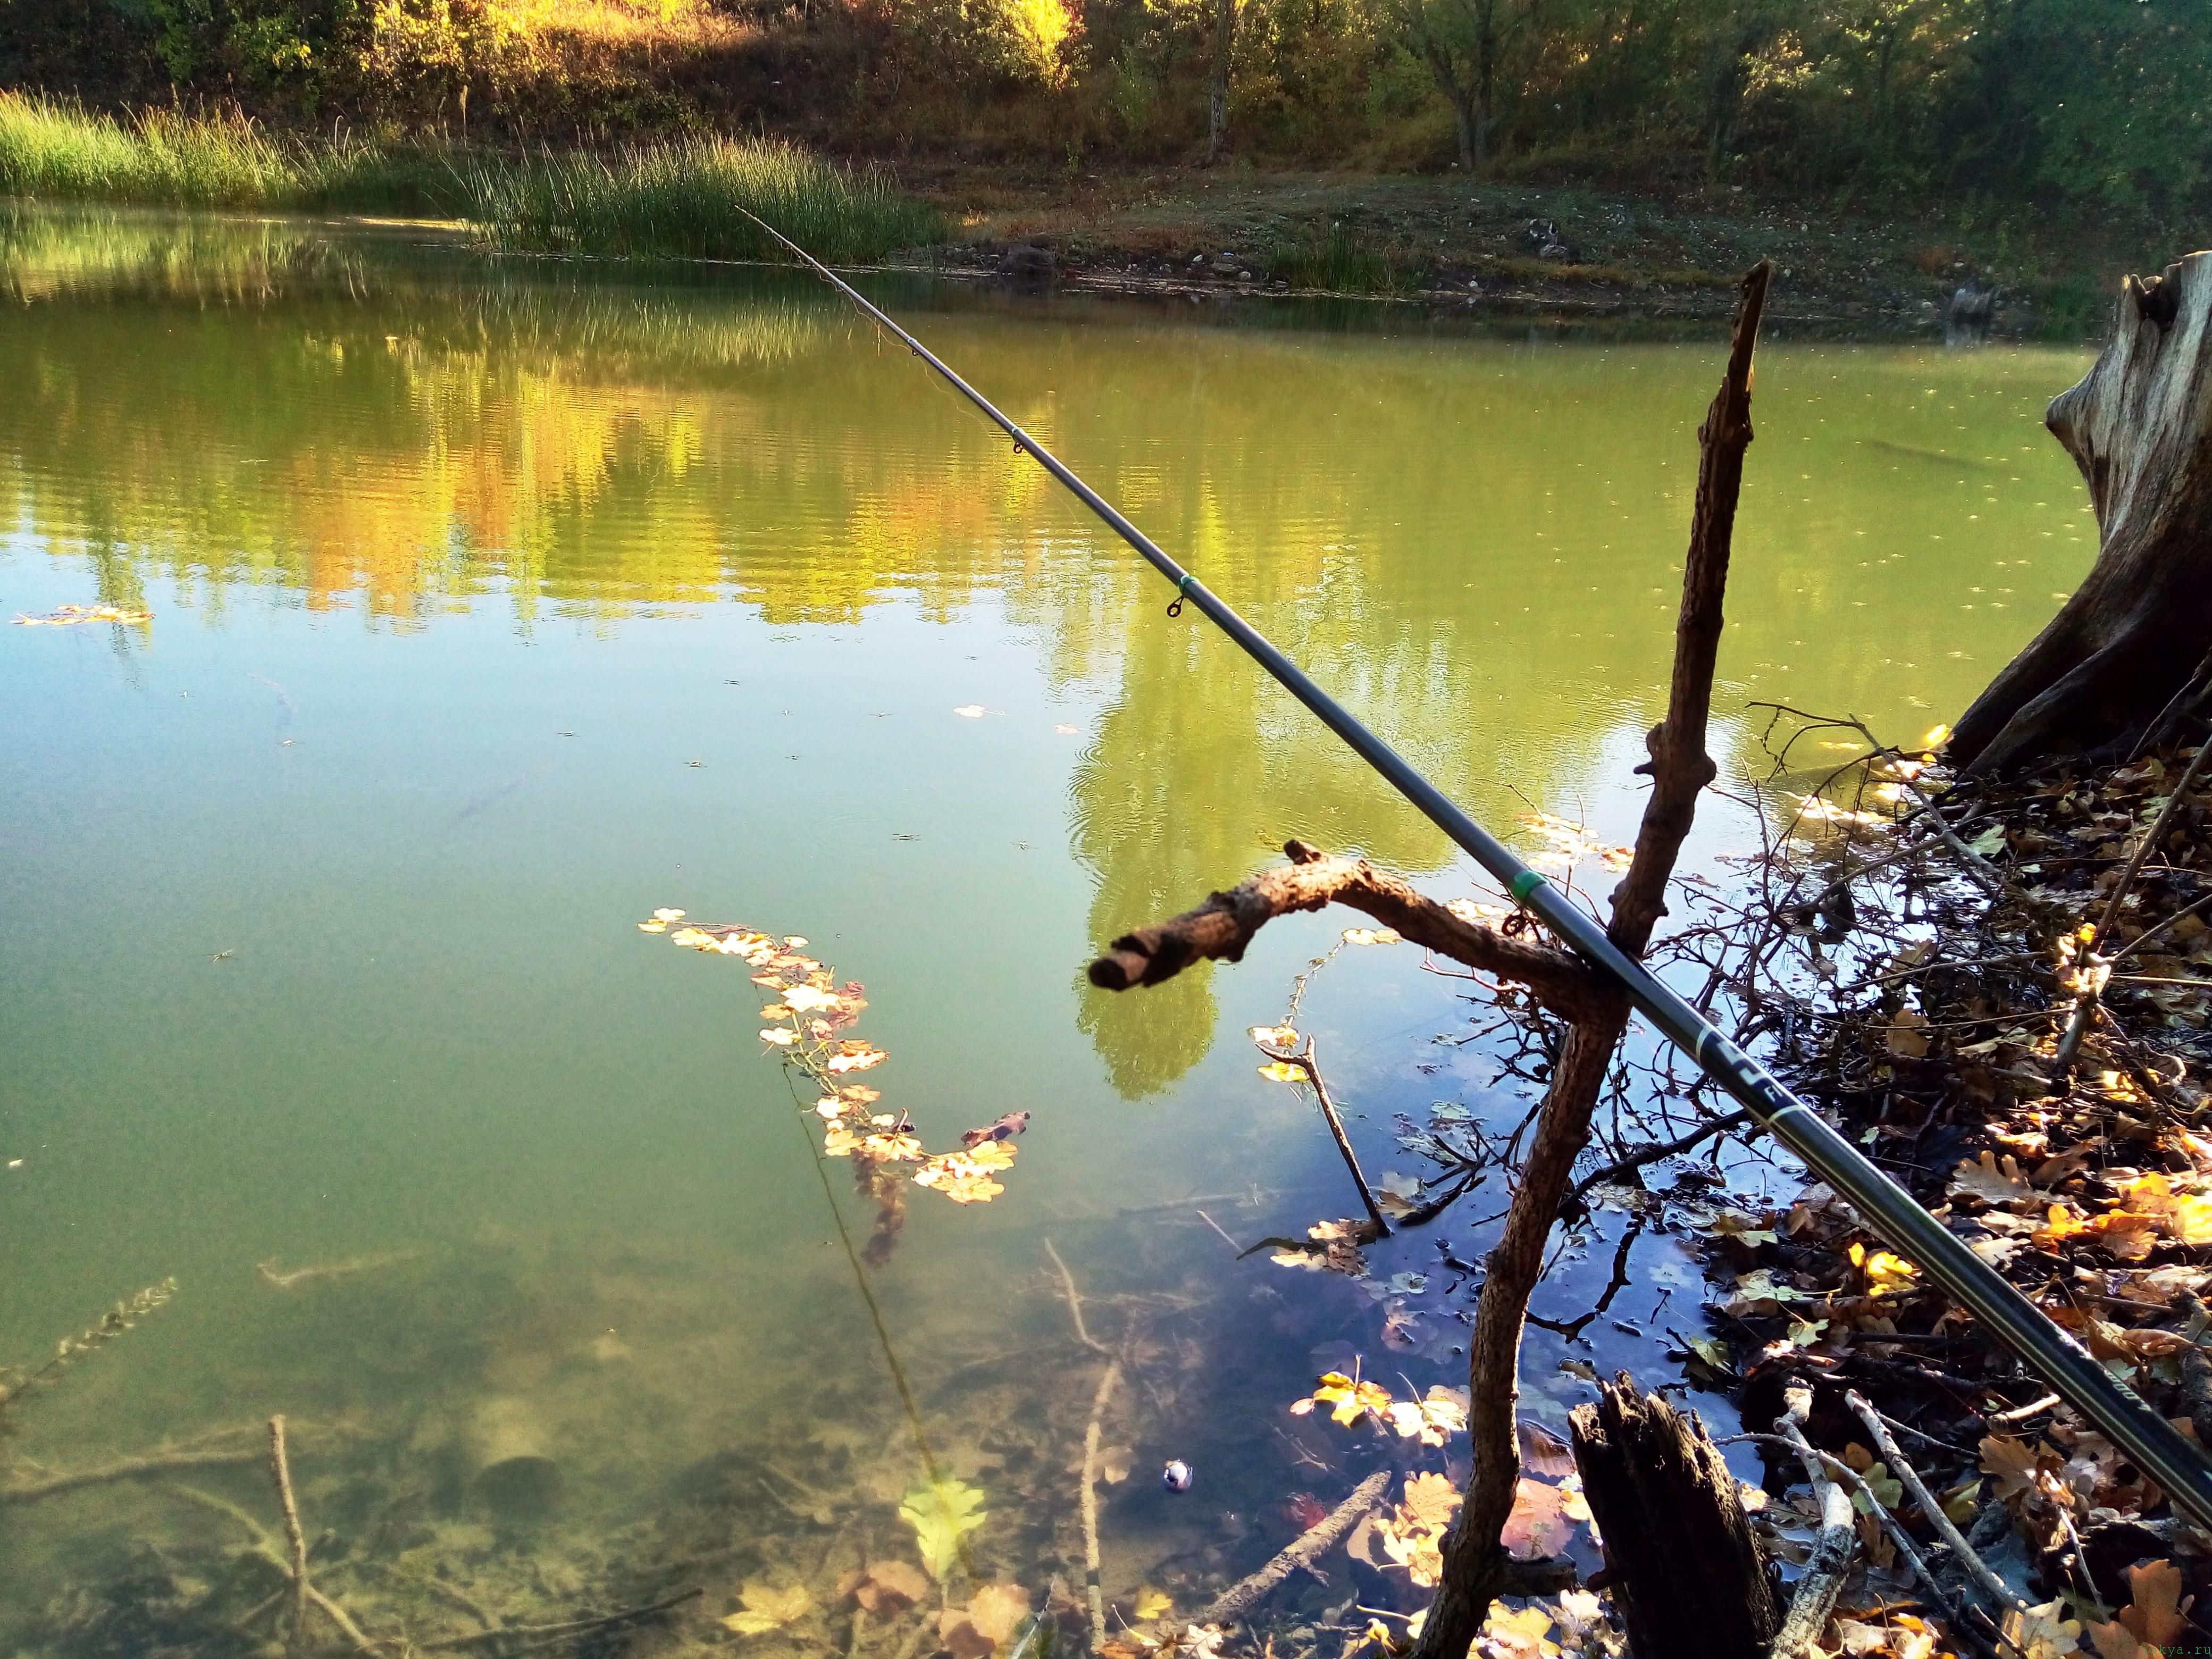 Пешком на рыбалку из Белогорска фото заметка из моей реальности в Крыму jokya.ru